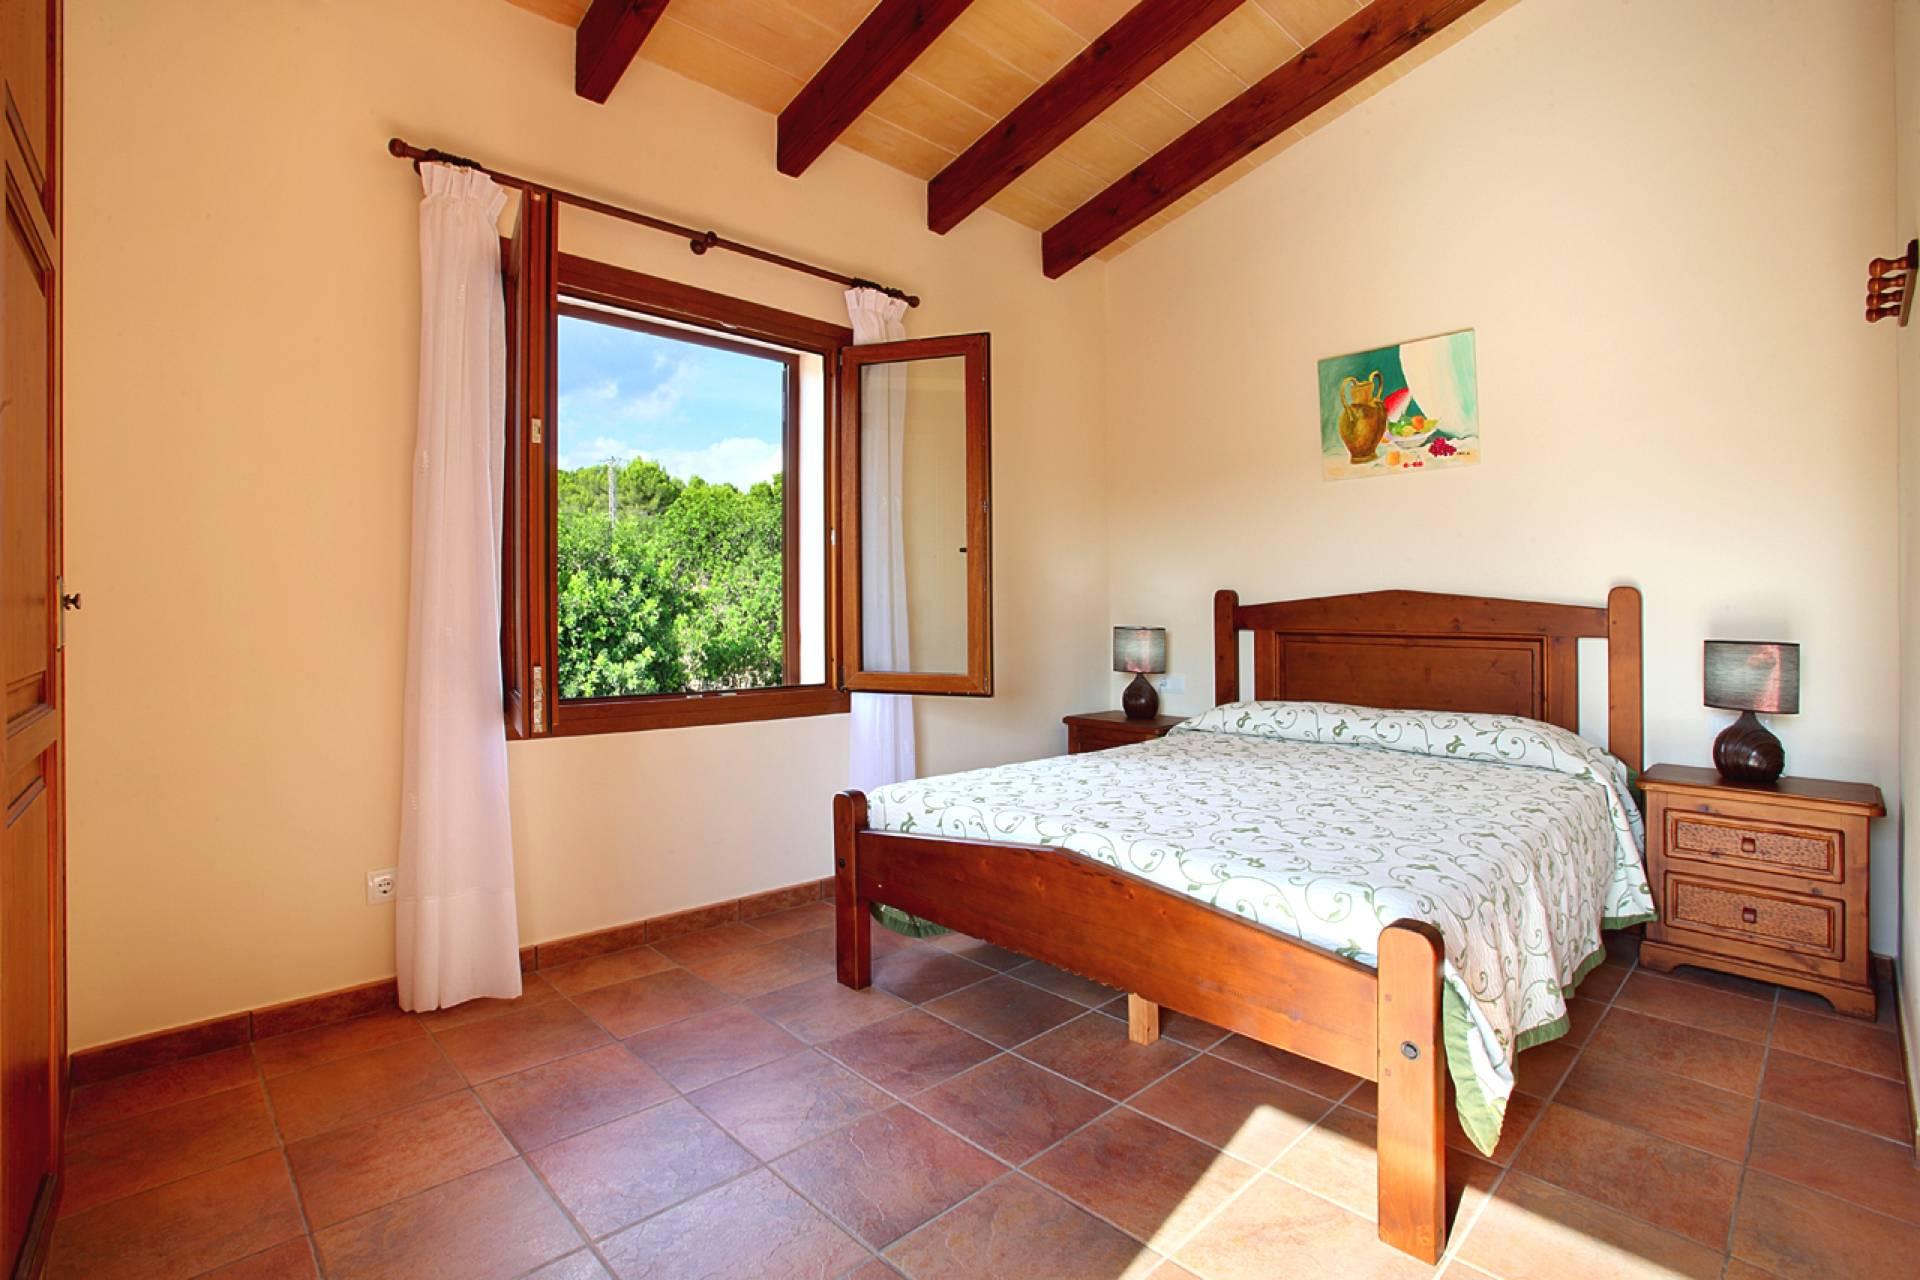 01-159 Ländliches Ferienhaus Mallorca Osten Bild 28